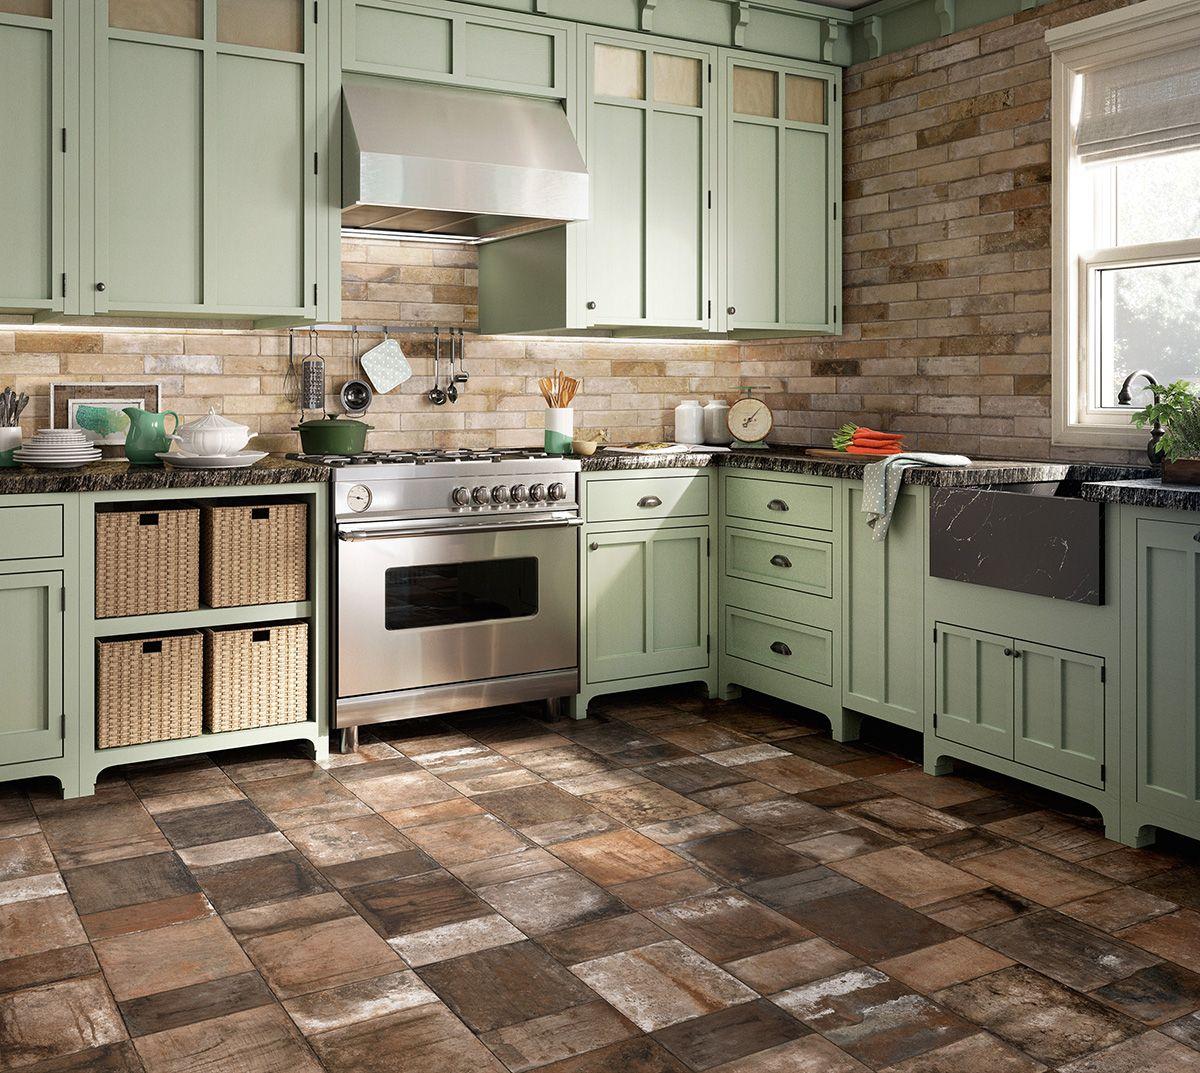 Backsplash And Black Counters Best Floor Tiles Cottage Kitchens Living Room Kitchen